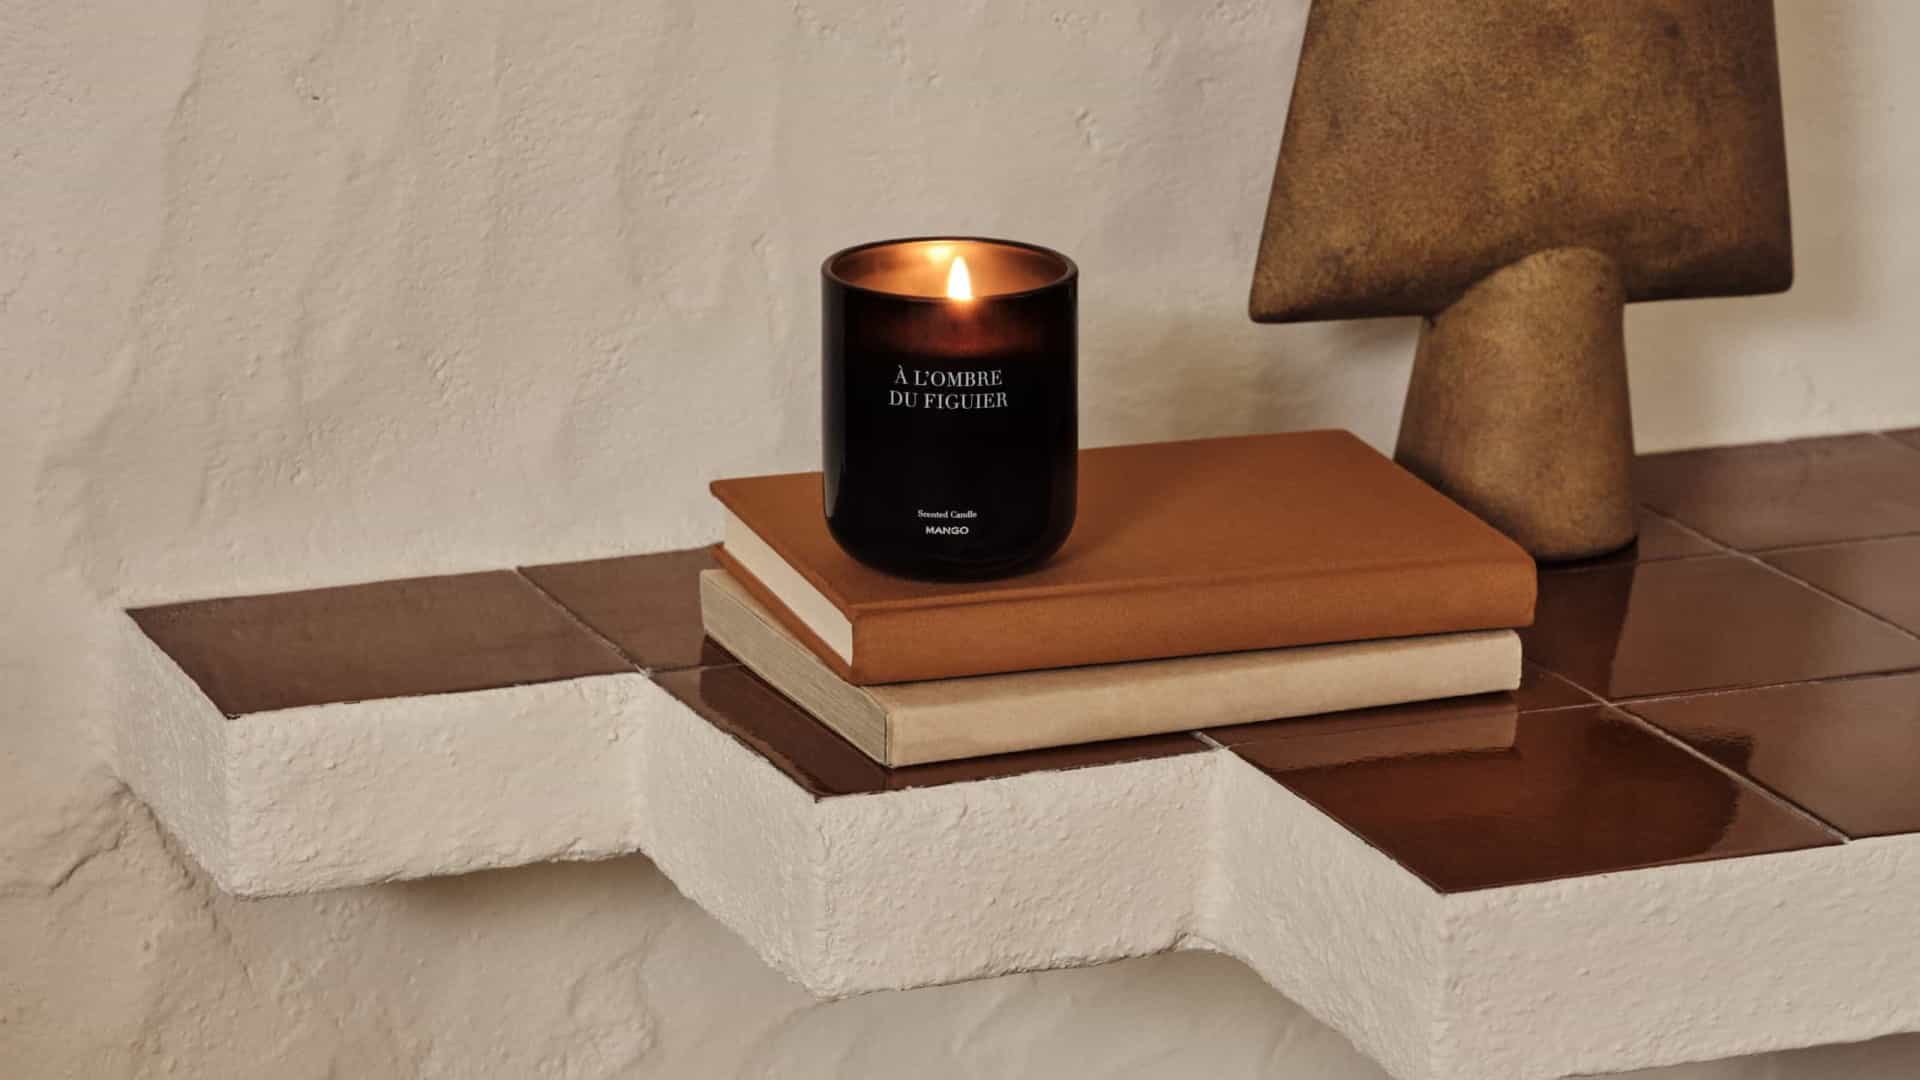 Nova coleção de velas da Mango é inspirada no Mediterrâneo